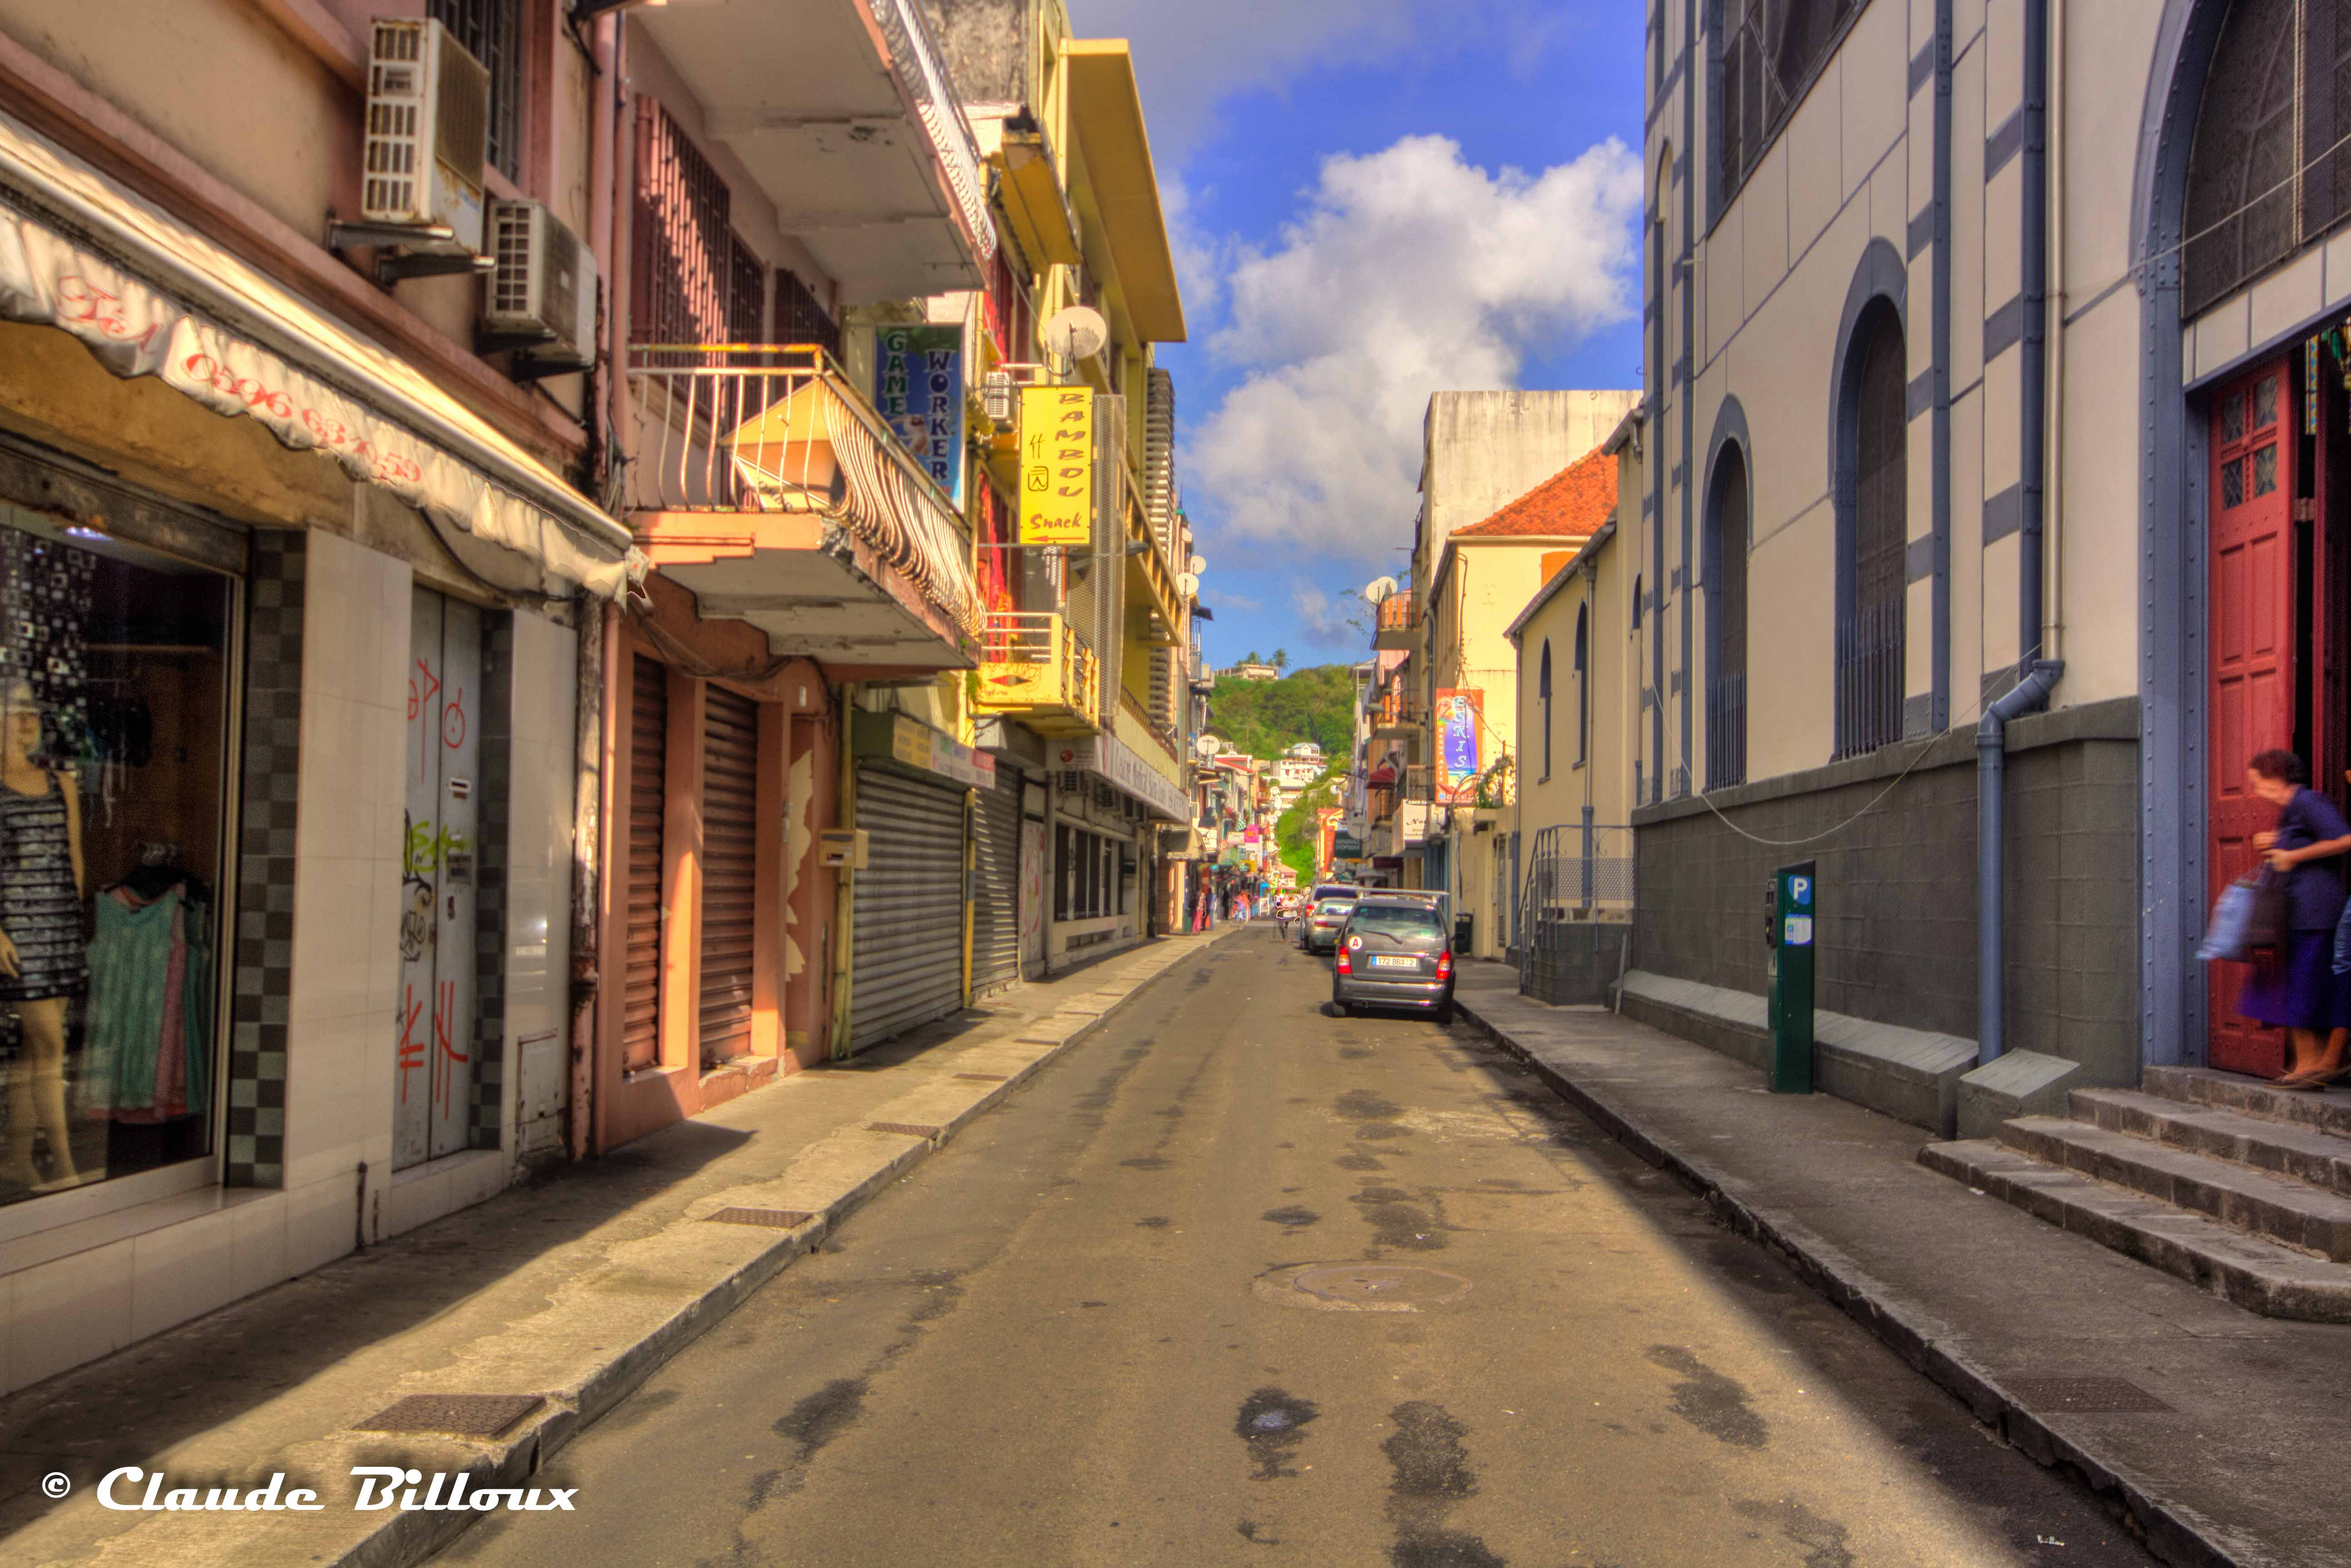 Martinique_0084_5_6_tonemapped.jpg